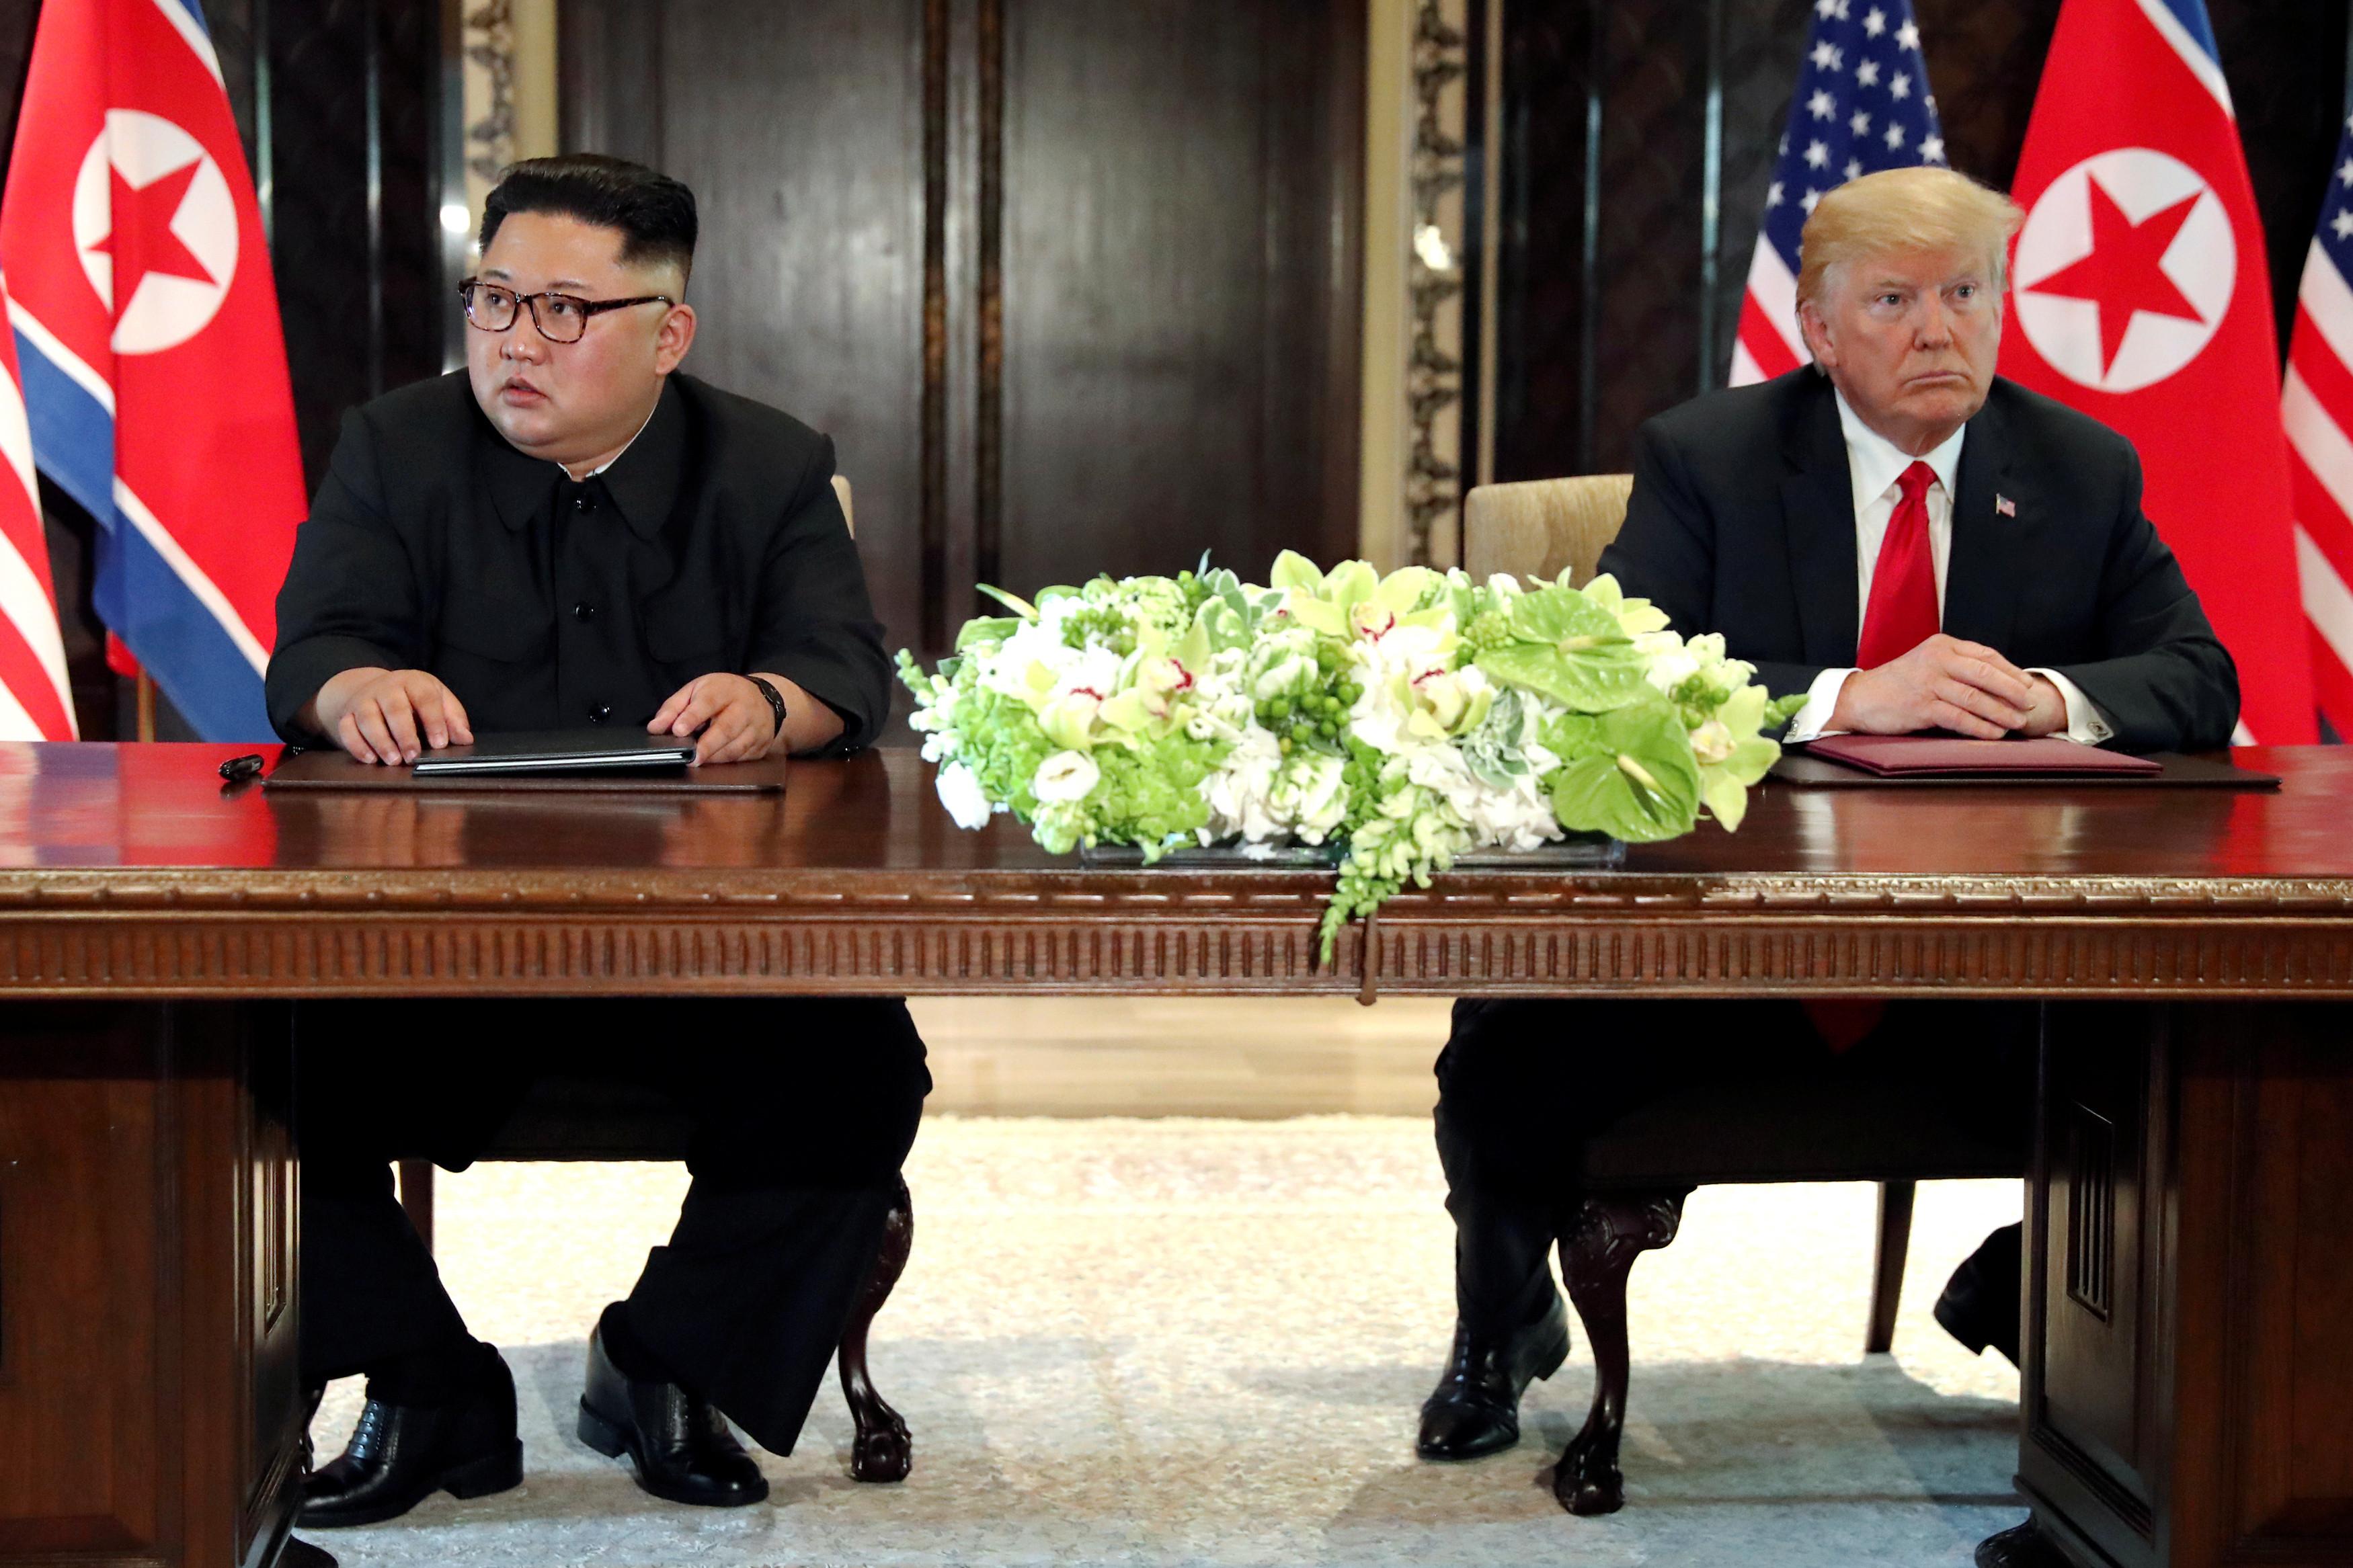 """""""Encontro do século"""" deu acordo vago e legitimidade que Kim procurava"""